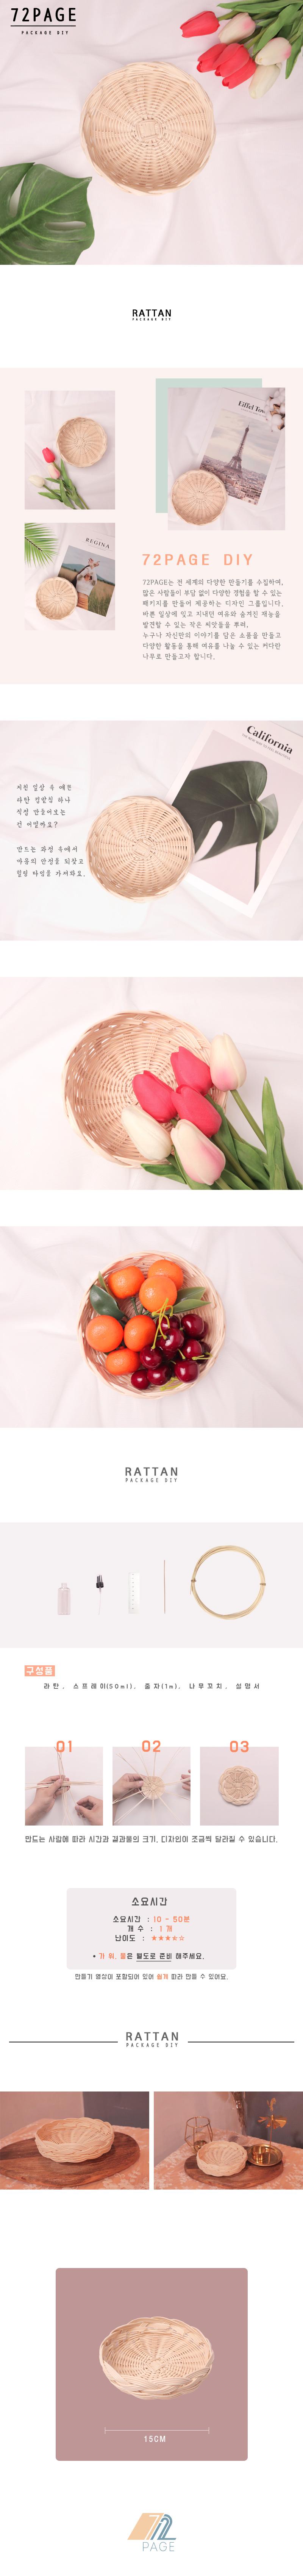 라탄 그릇 만들기 패키지 DIY - 72페이지, 14,000원, 전통/염색공예, 기타소품 패키지